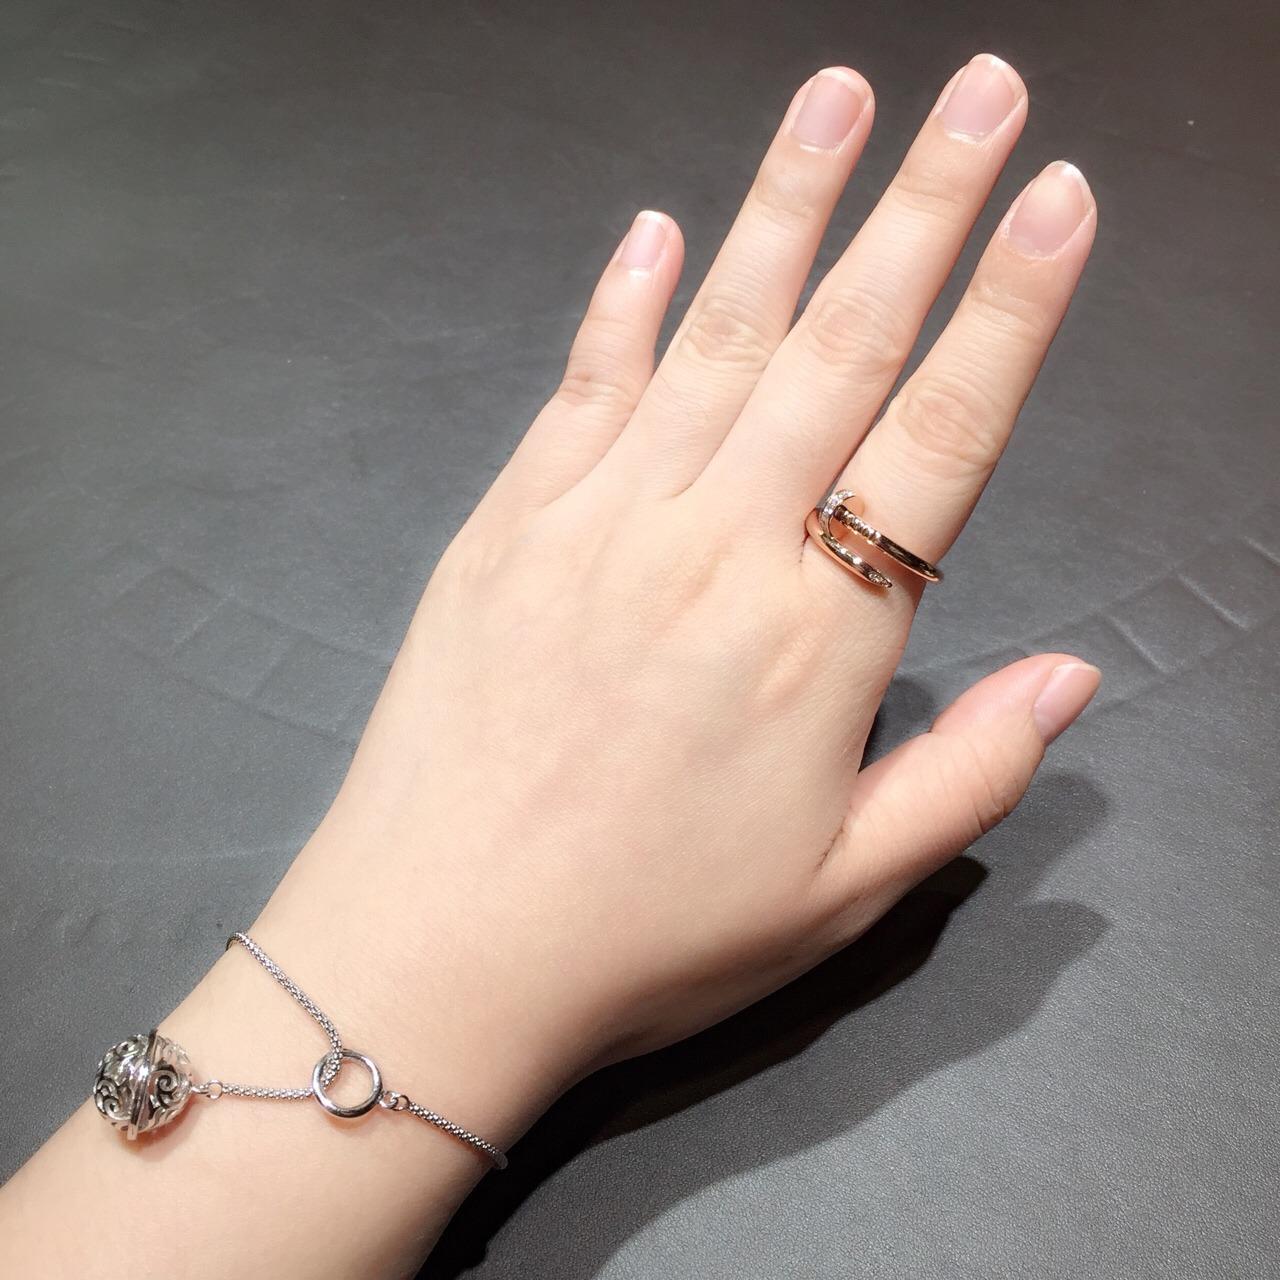 卡地亚钉子戒指-上海珠宝首饰